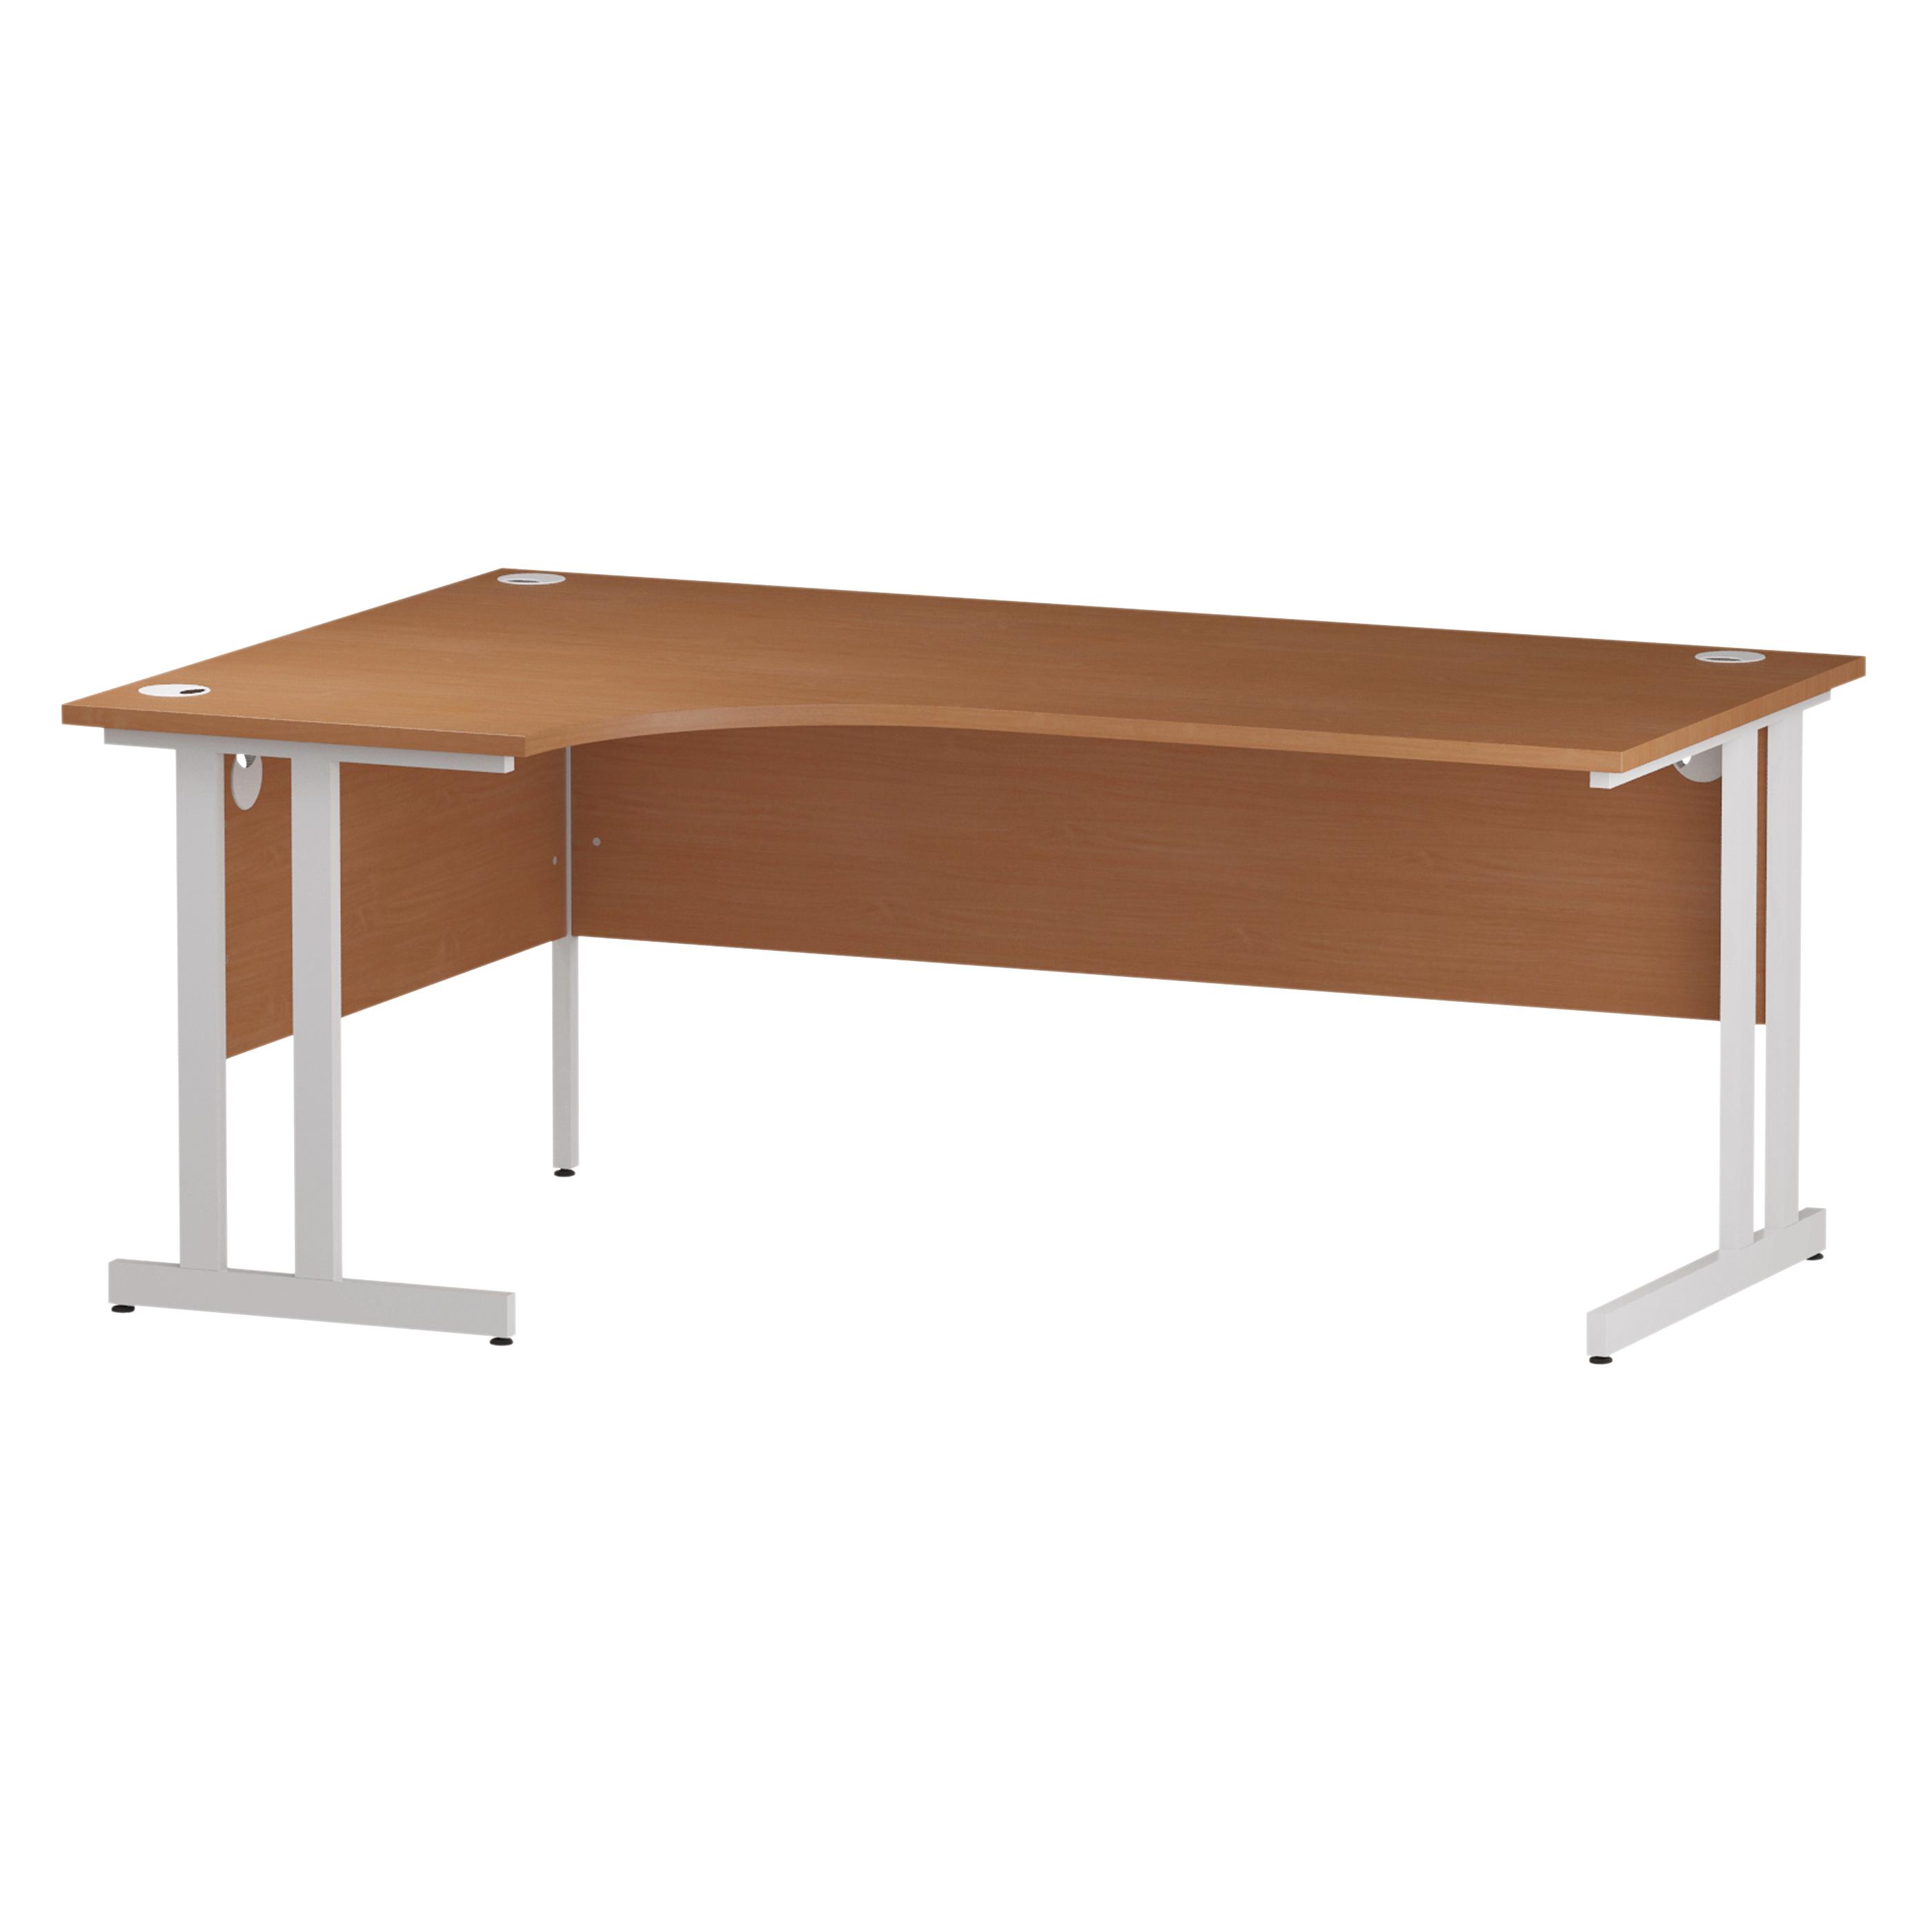 Trexus Radial Desk Left Hand White Cantilever Leg 1800mm Beech Ref I001877